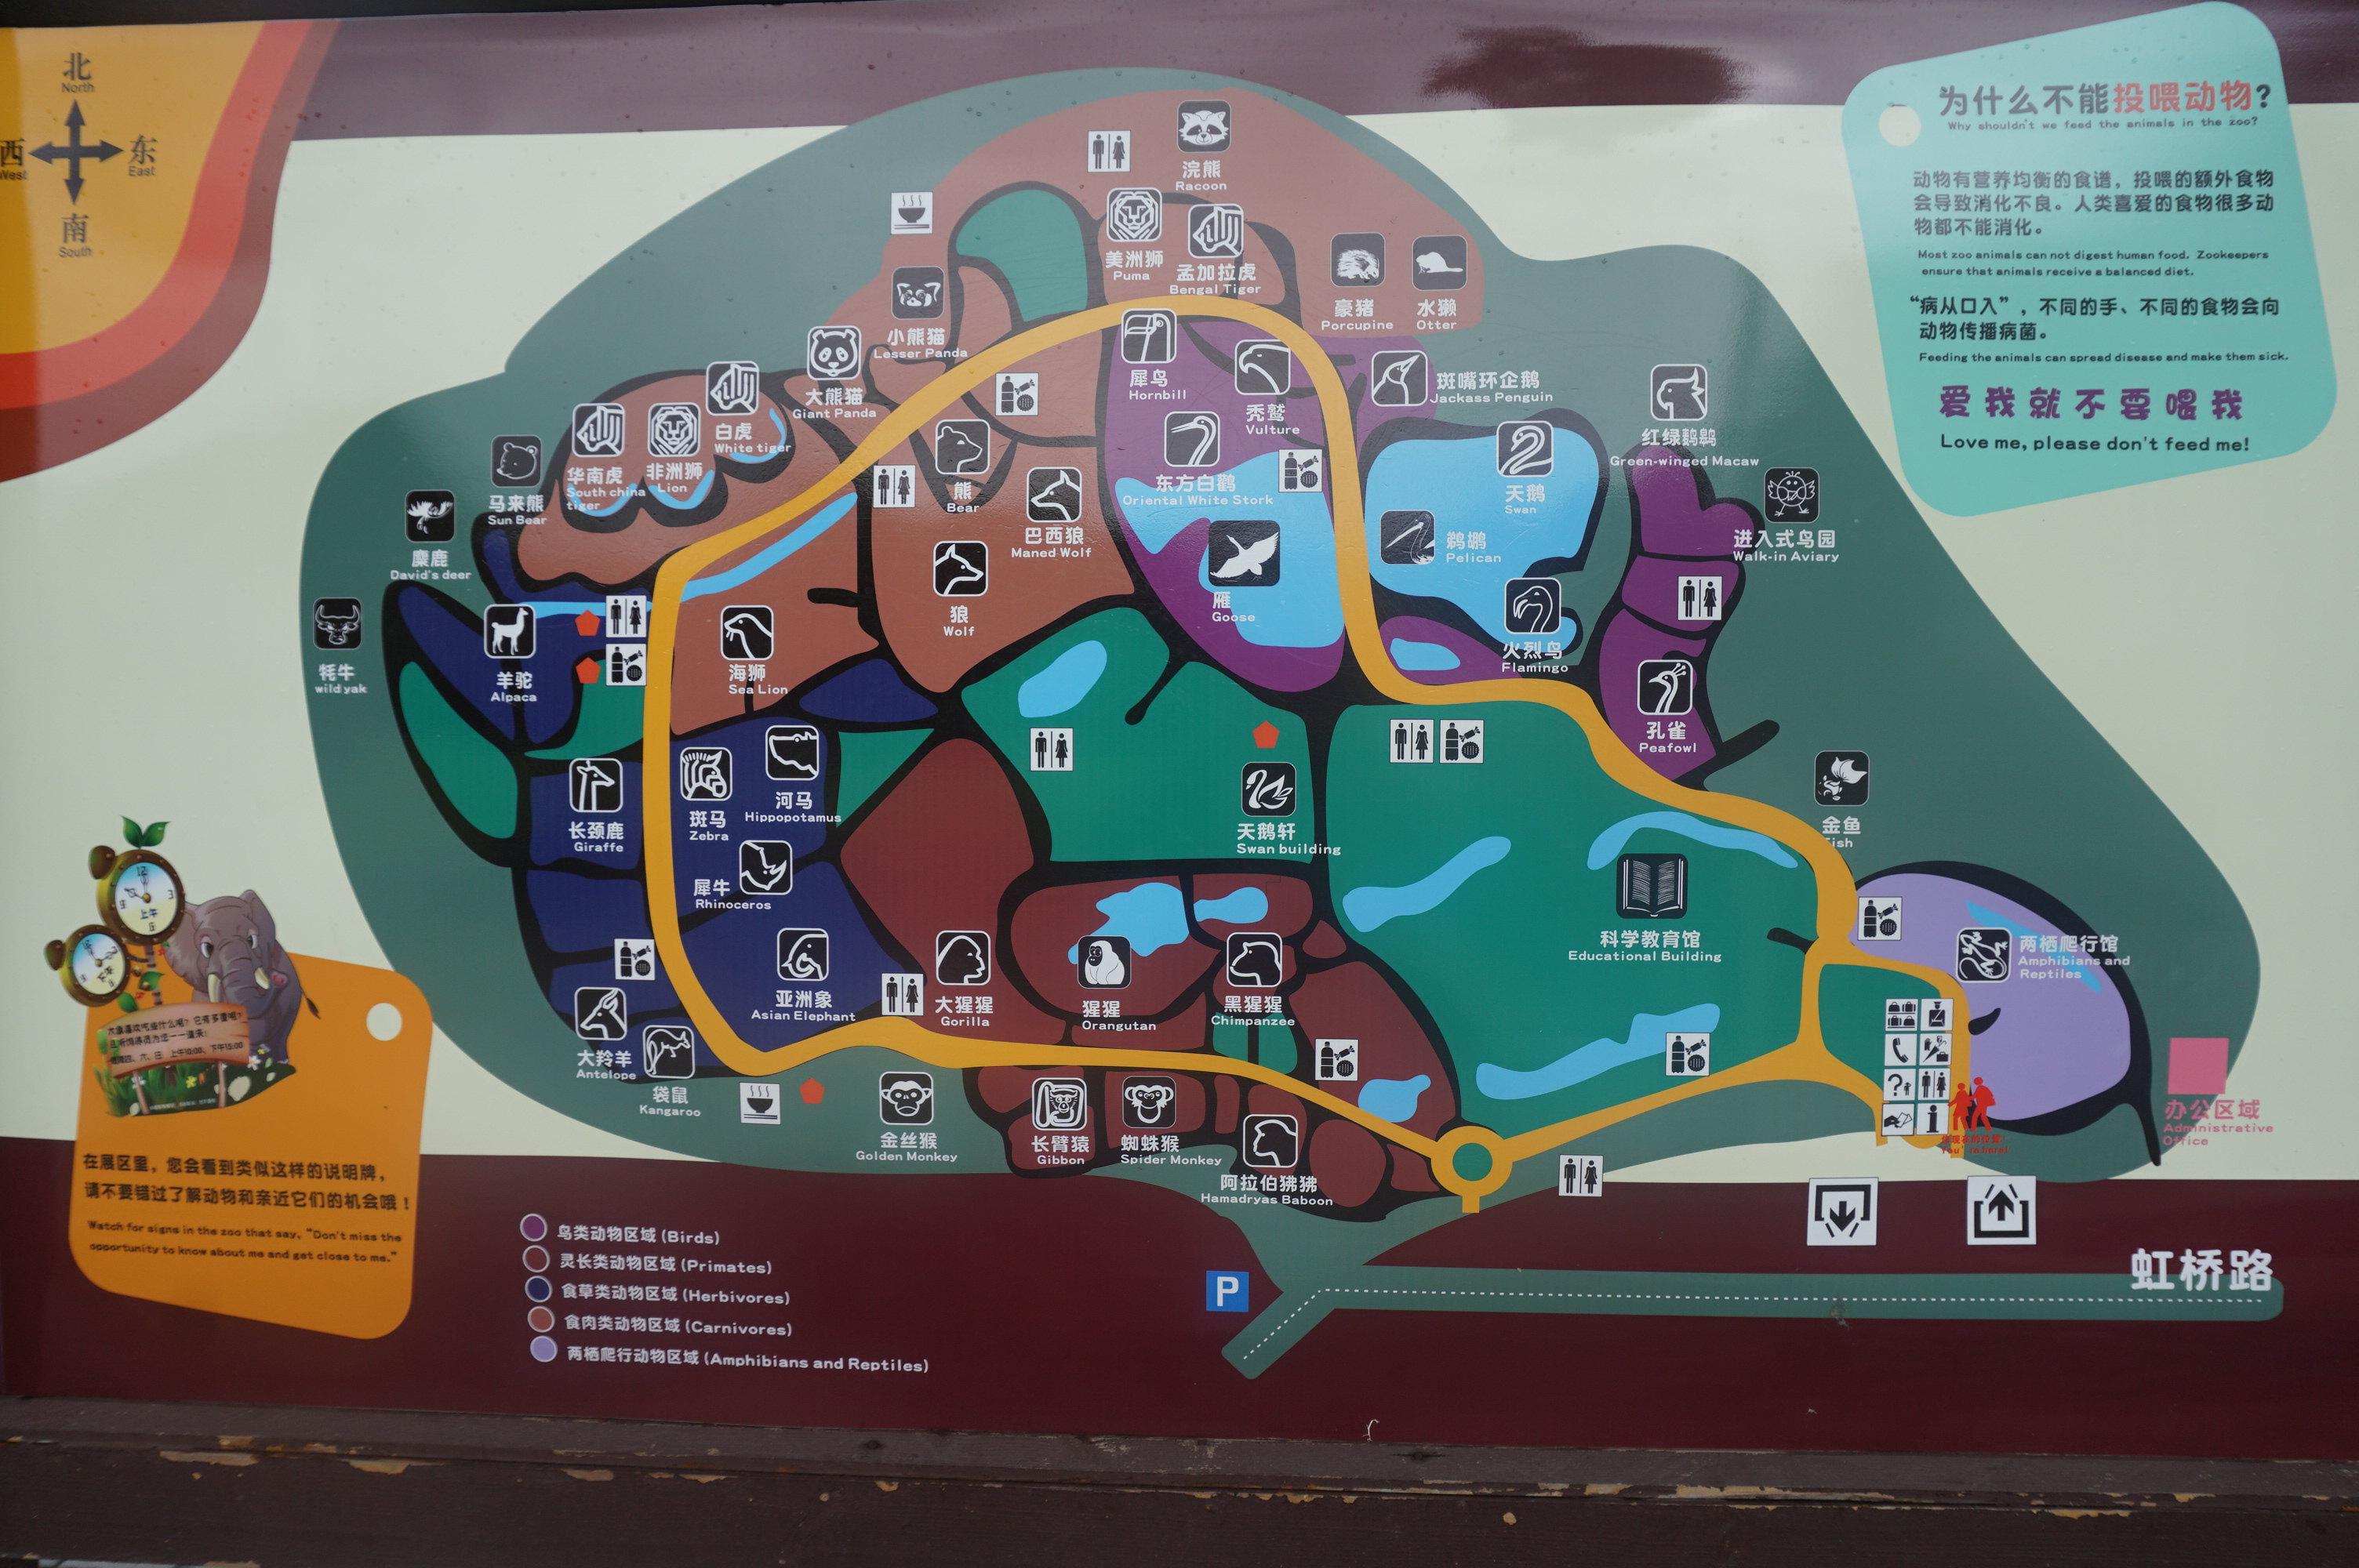 上海动物园二度打卡~#交通#10号线上海动物园站1号口出就是了~#票价#正常是40,旅游节的时候半价了~年龄超过65还是70的就可以直接免票,超过60的是有折扣的,但是一定要记得带上身份证~#区域#园内是分为鸟区、食肉动物区、食草动物区、灵长动物区、两栖爬行馆等~基本上动物园是一个环状的路线,只需在每个路口选择想看的动物即可,基本上不用走什么回头路~#鸟区#鸟区有个很特别的大鸟笼,人可以直接深入其中,感受到自然中的鸟语花香~#食肉动物区#这边还是